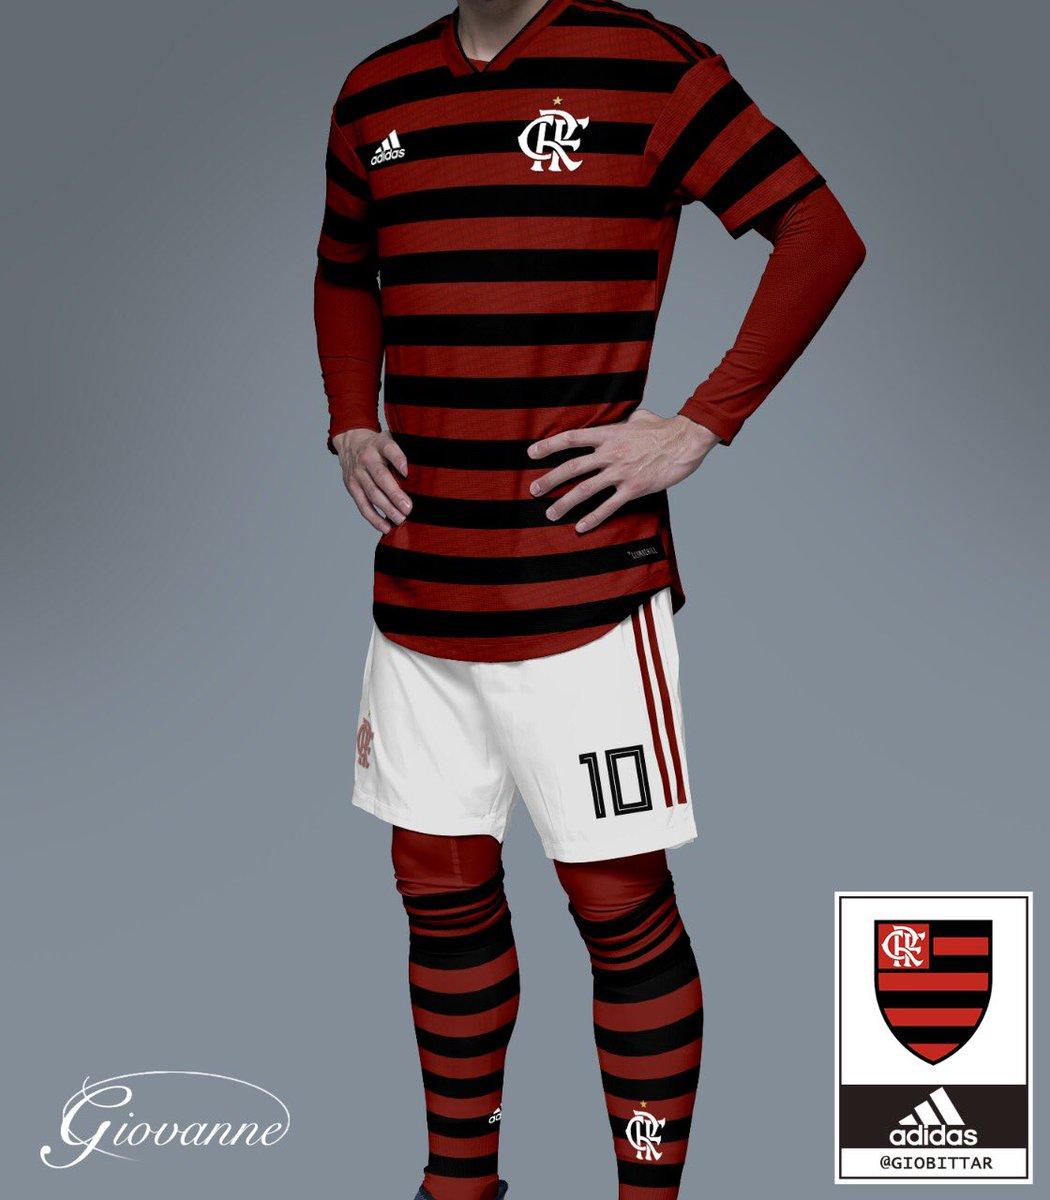 ecdfb65cbcd0c Uniforme vermelho e preto para o Flamengo em 2019 - Arte   giobittar